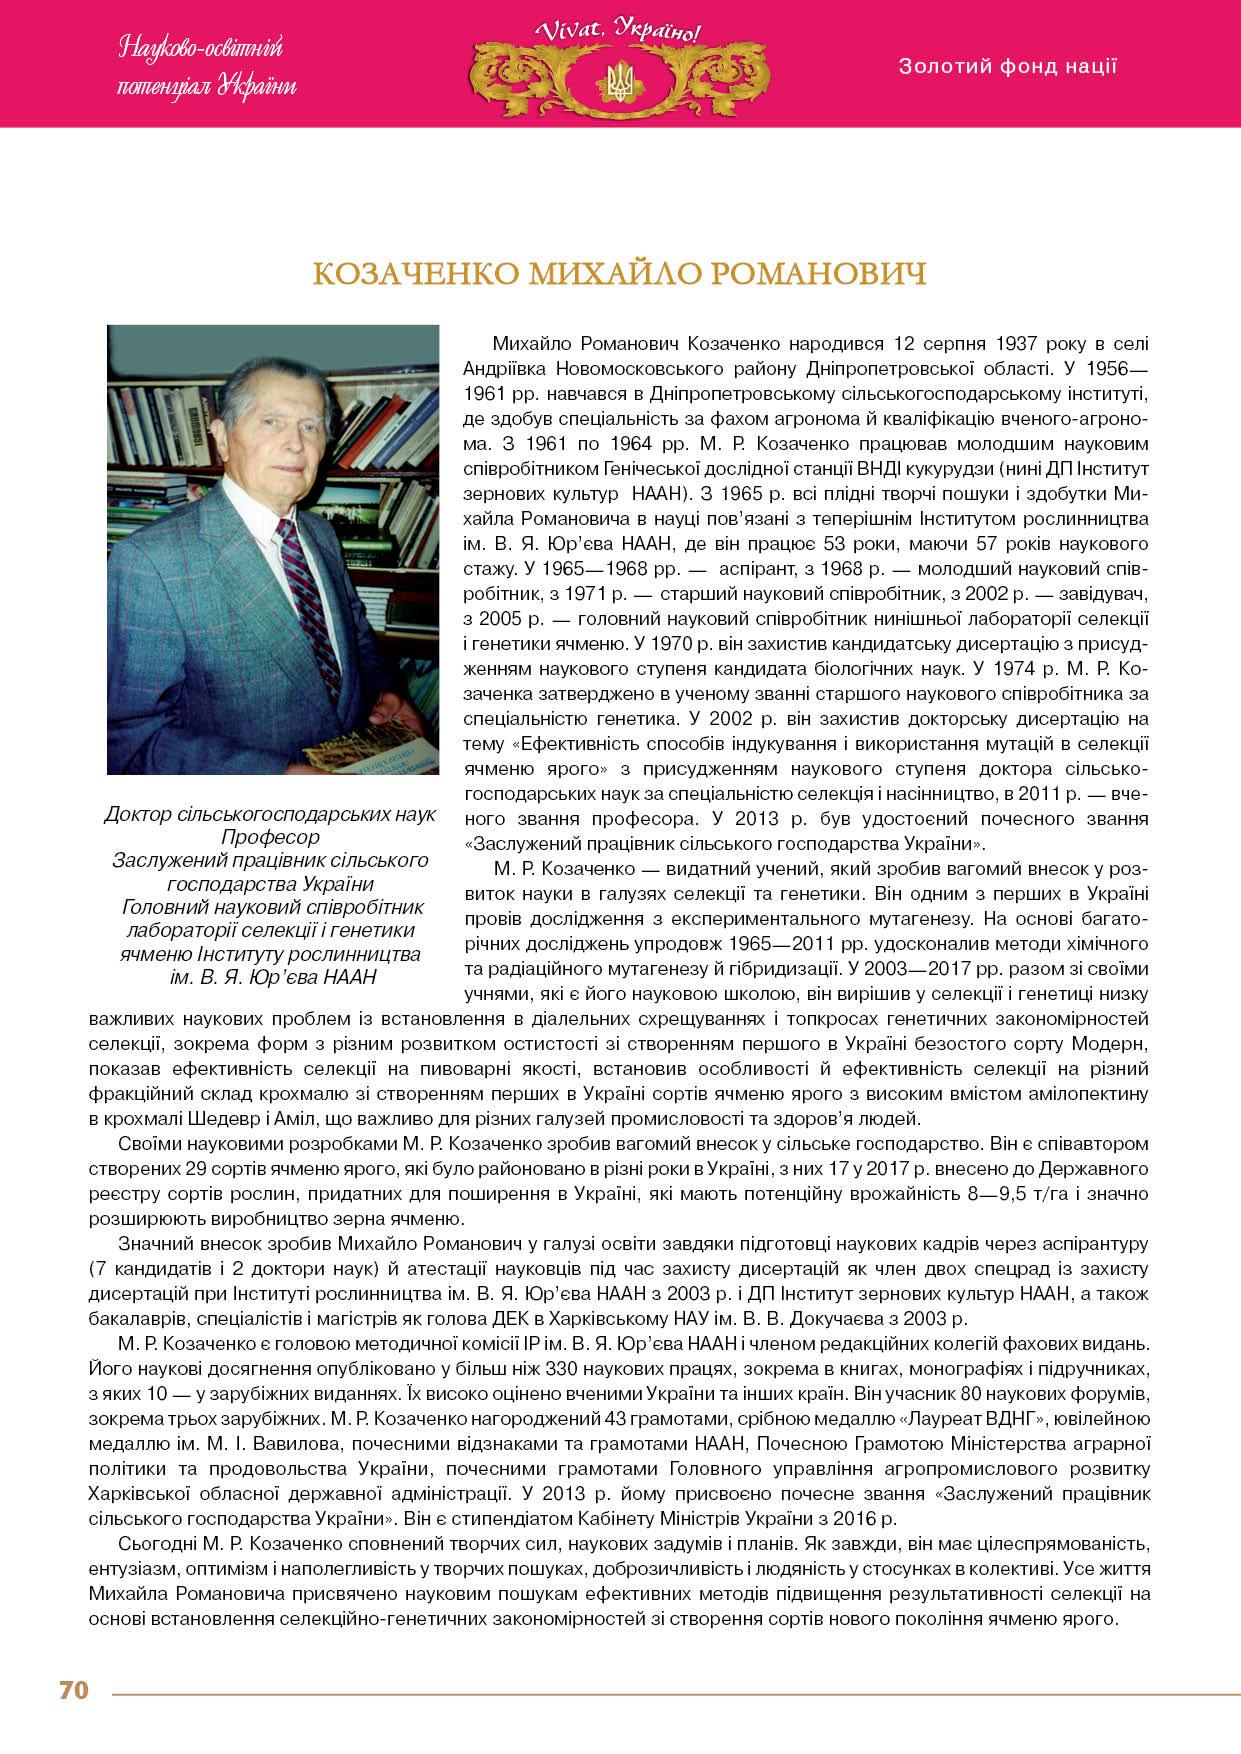 Козаченко Михайло Романович